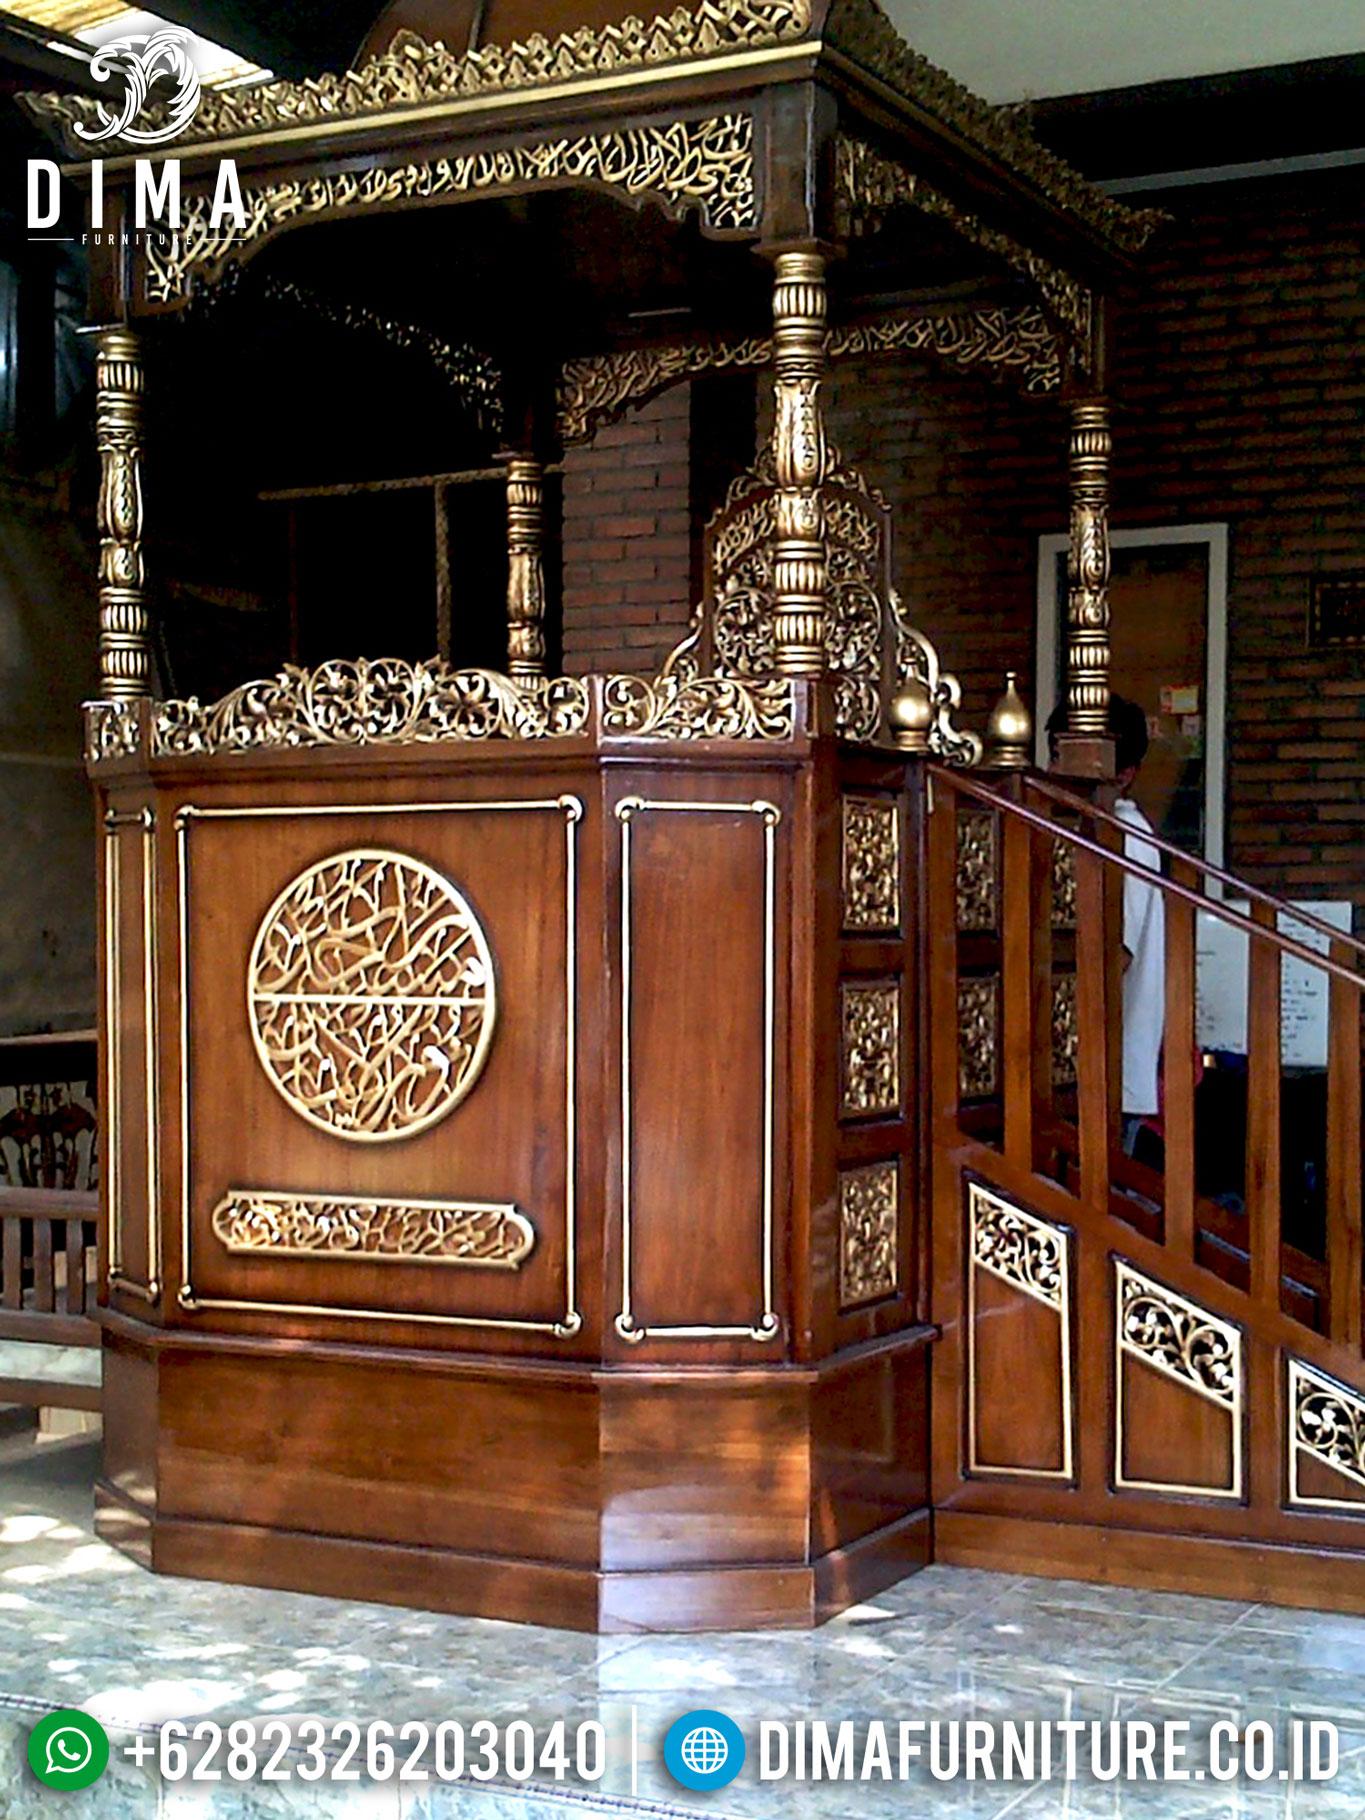 Jual Mimbar Jati Jepara, Mimbar Masjid Jati, Mebel Jepara Terbaru DF-0661